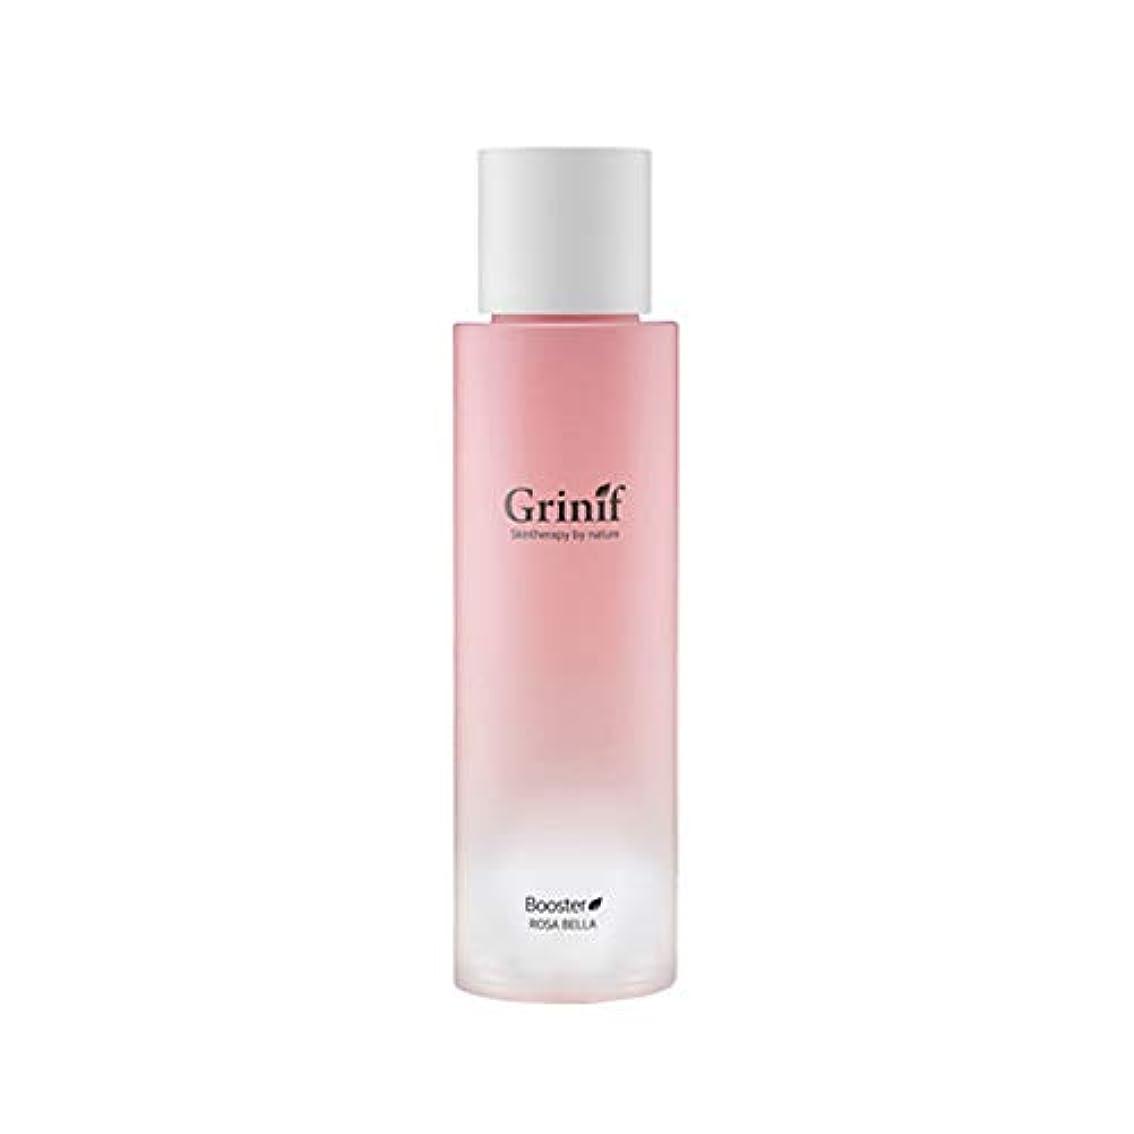 南西仕事気性[Grinif] グリーニフ Rosa Bella Booster - ローザベラ ブースター - バラエキス 87% 保湿 トナー Pure Rose Water Hydrating Facial Toner Skin Booster(Rose Water 87%) Korean Skincare